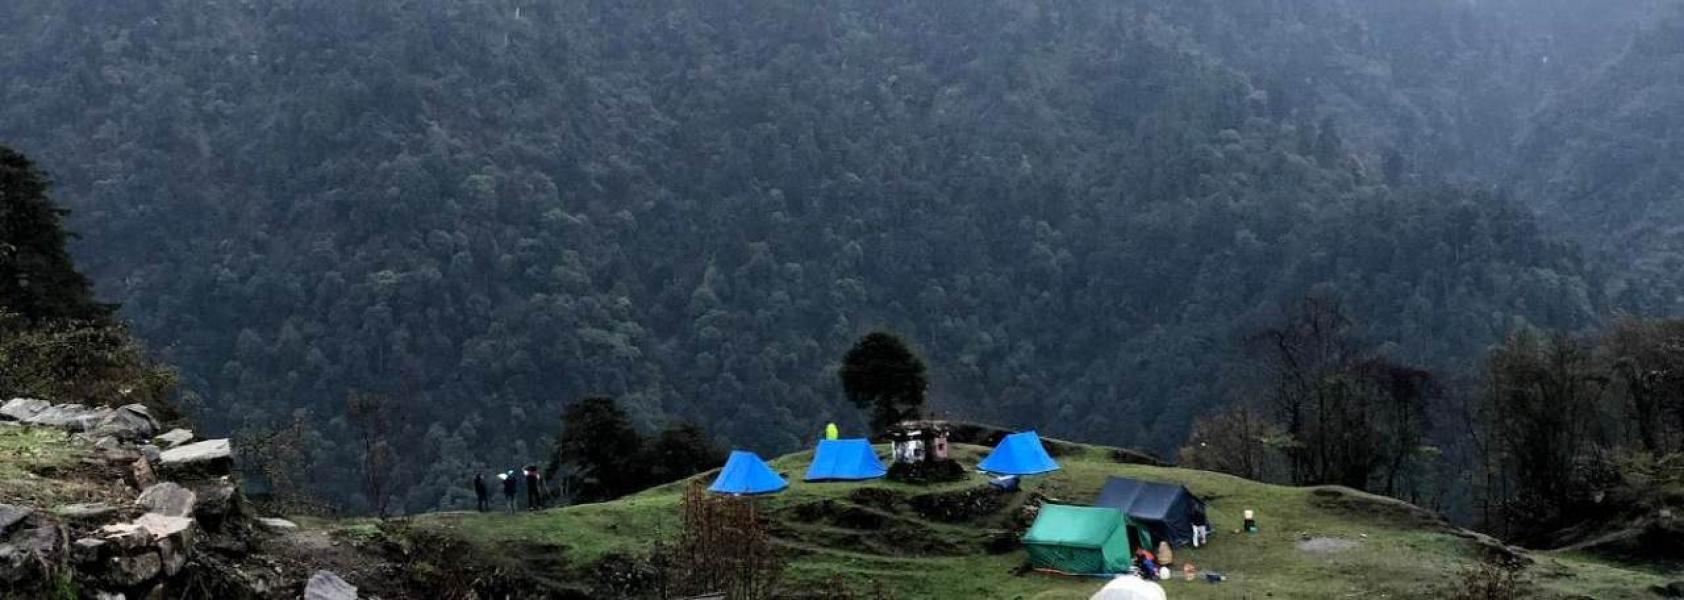 Summer treks in Uttarakhand, India